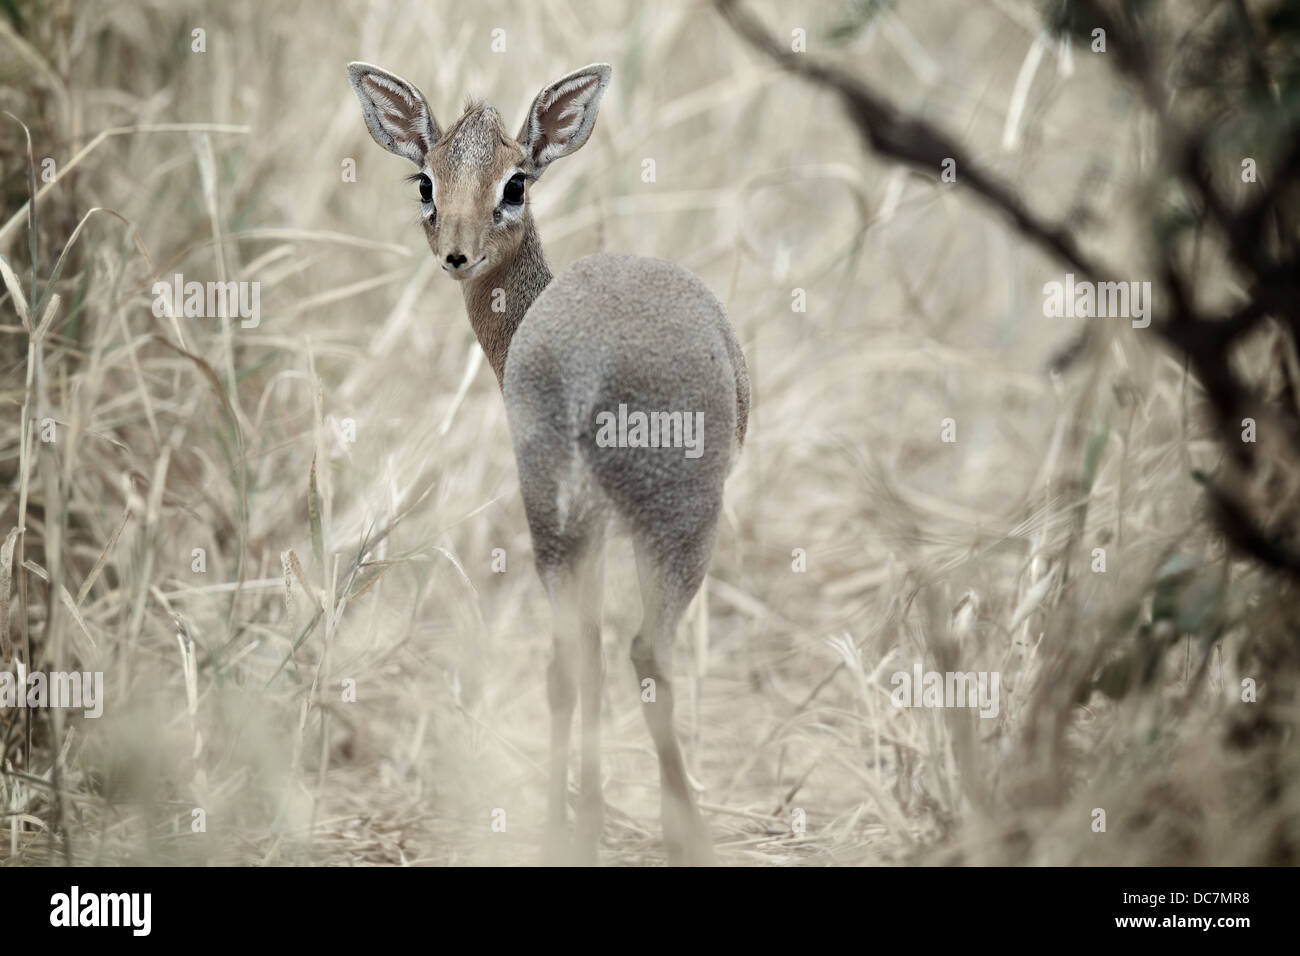 Dik - dik antelope . Tarangire national park. Tanzania Africa - Stock Image